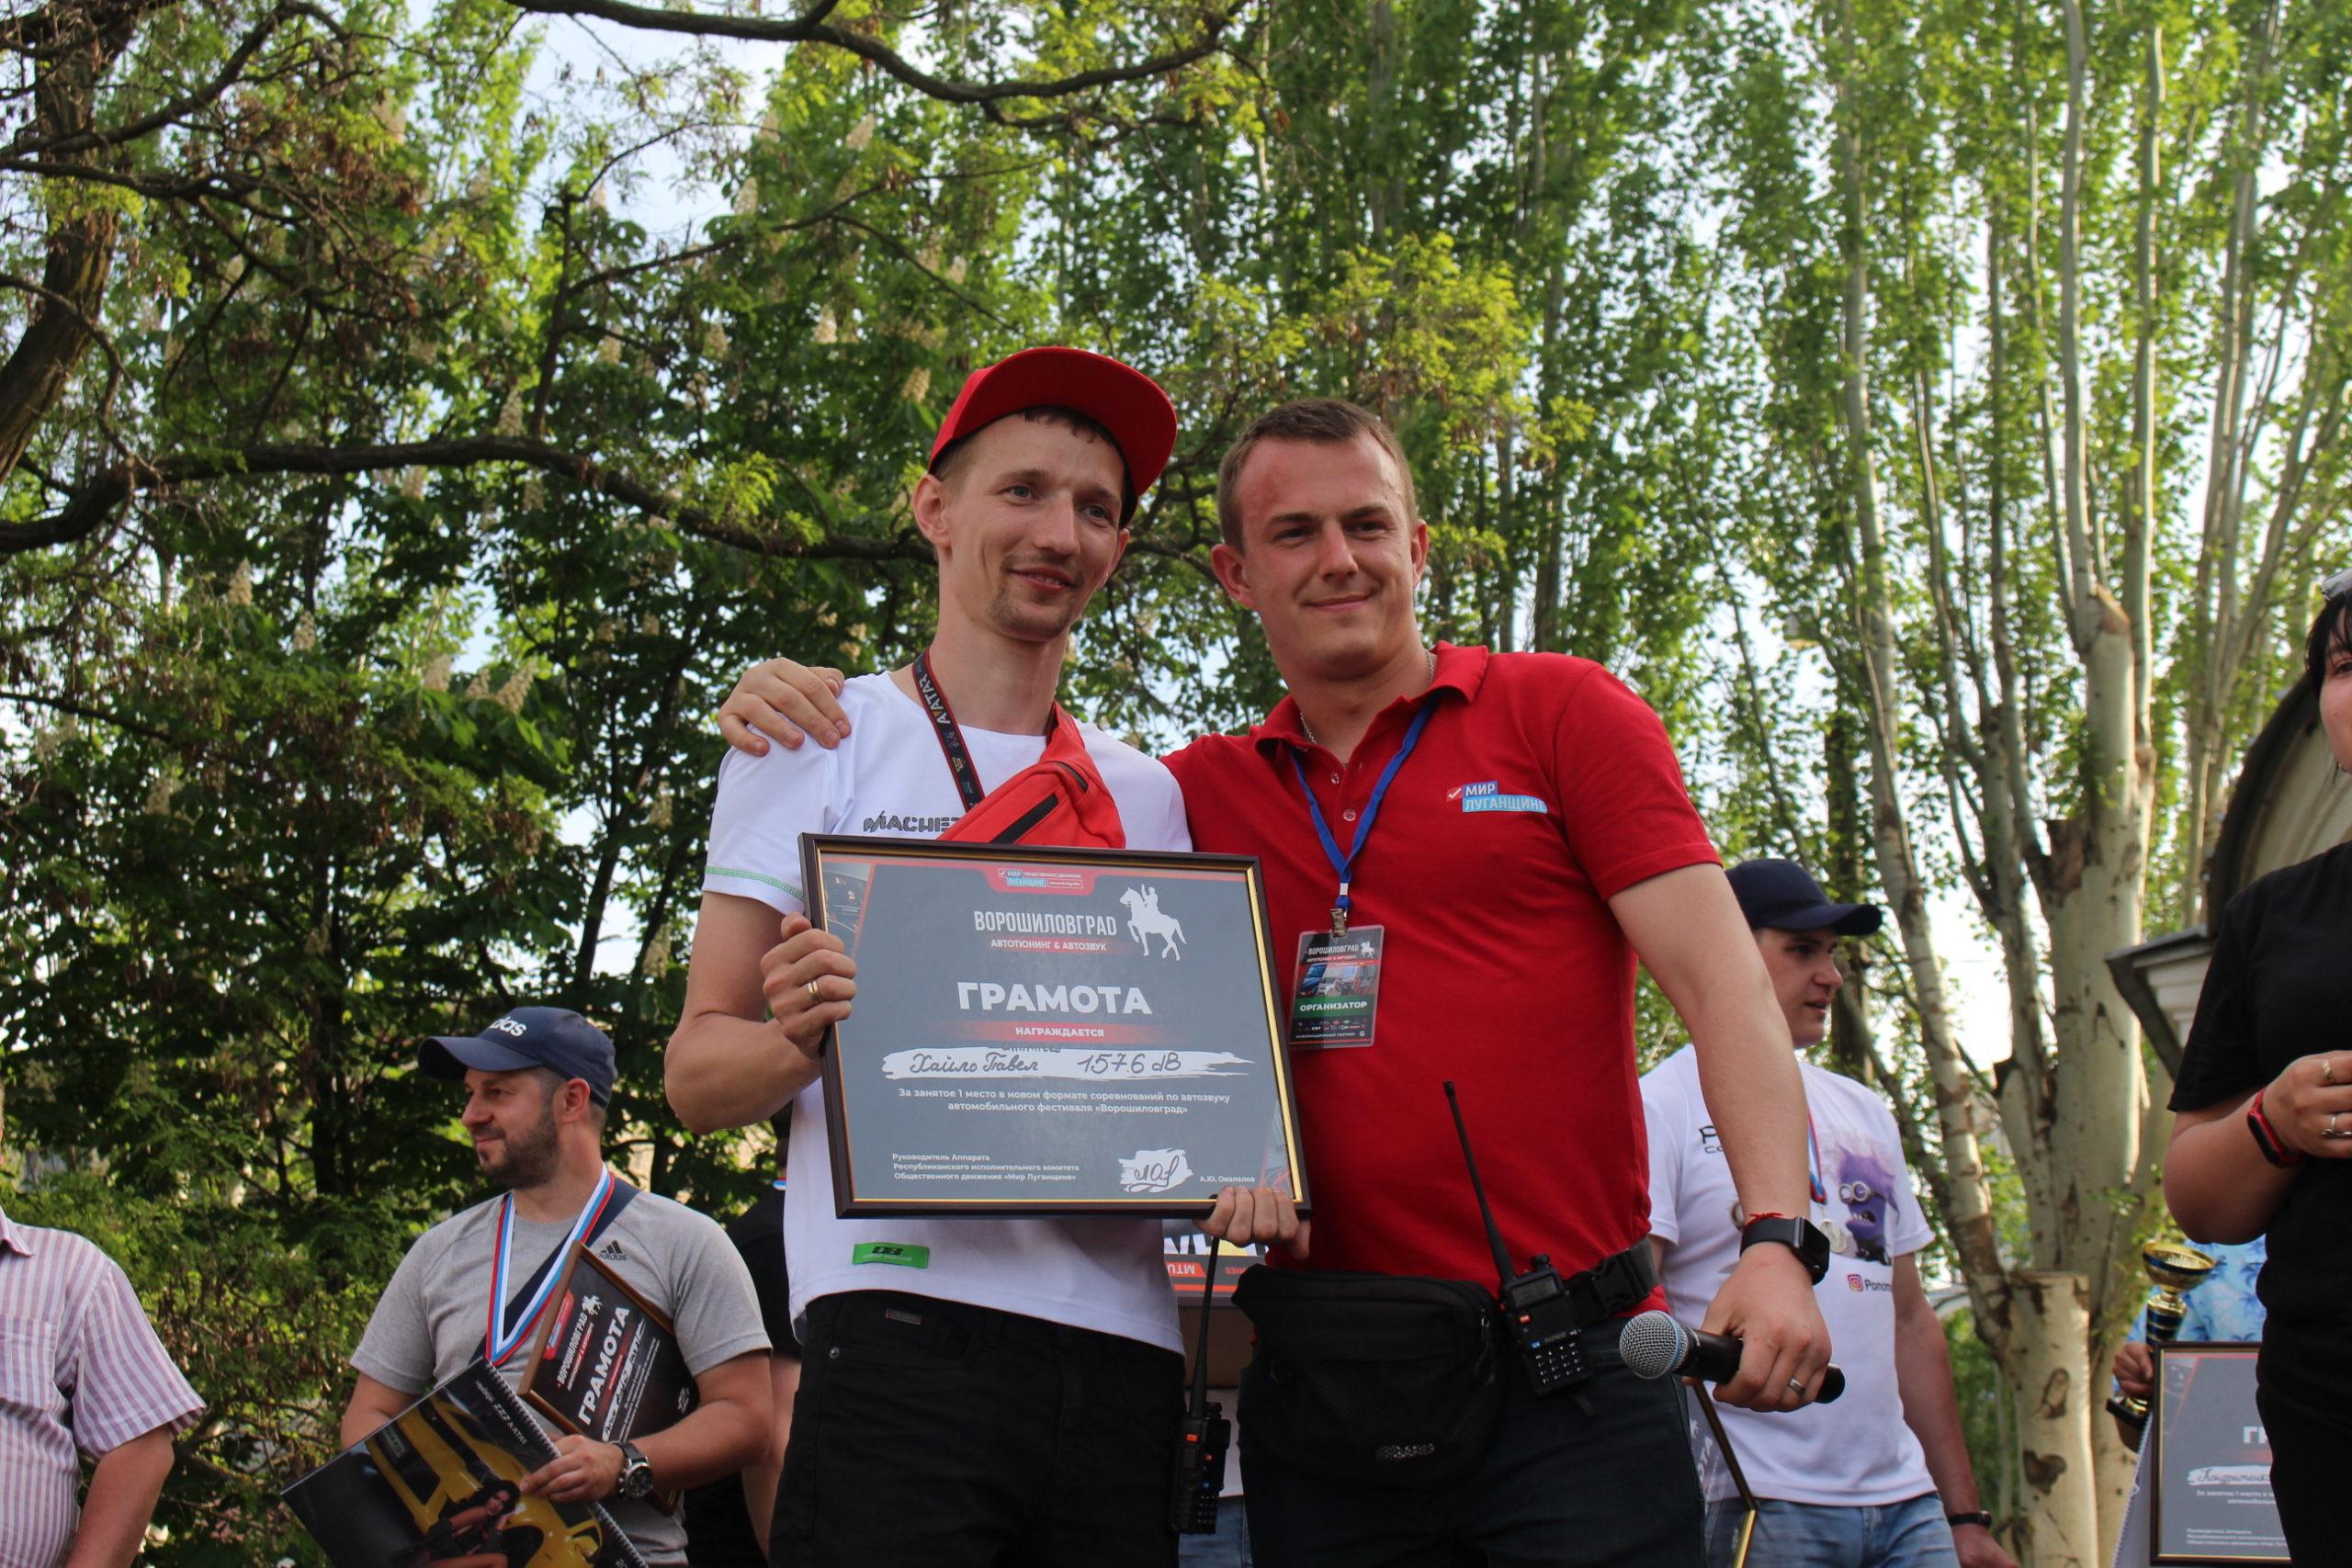 Автомобилисты из России, ДНР и ЛНР приняли участие в фестивале «Ворошиловград» в Луганске 5